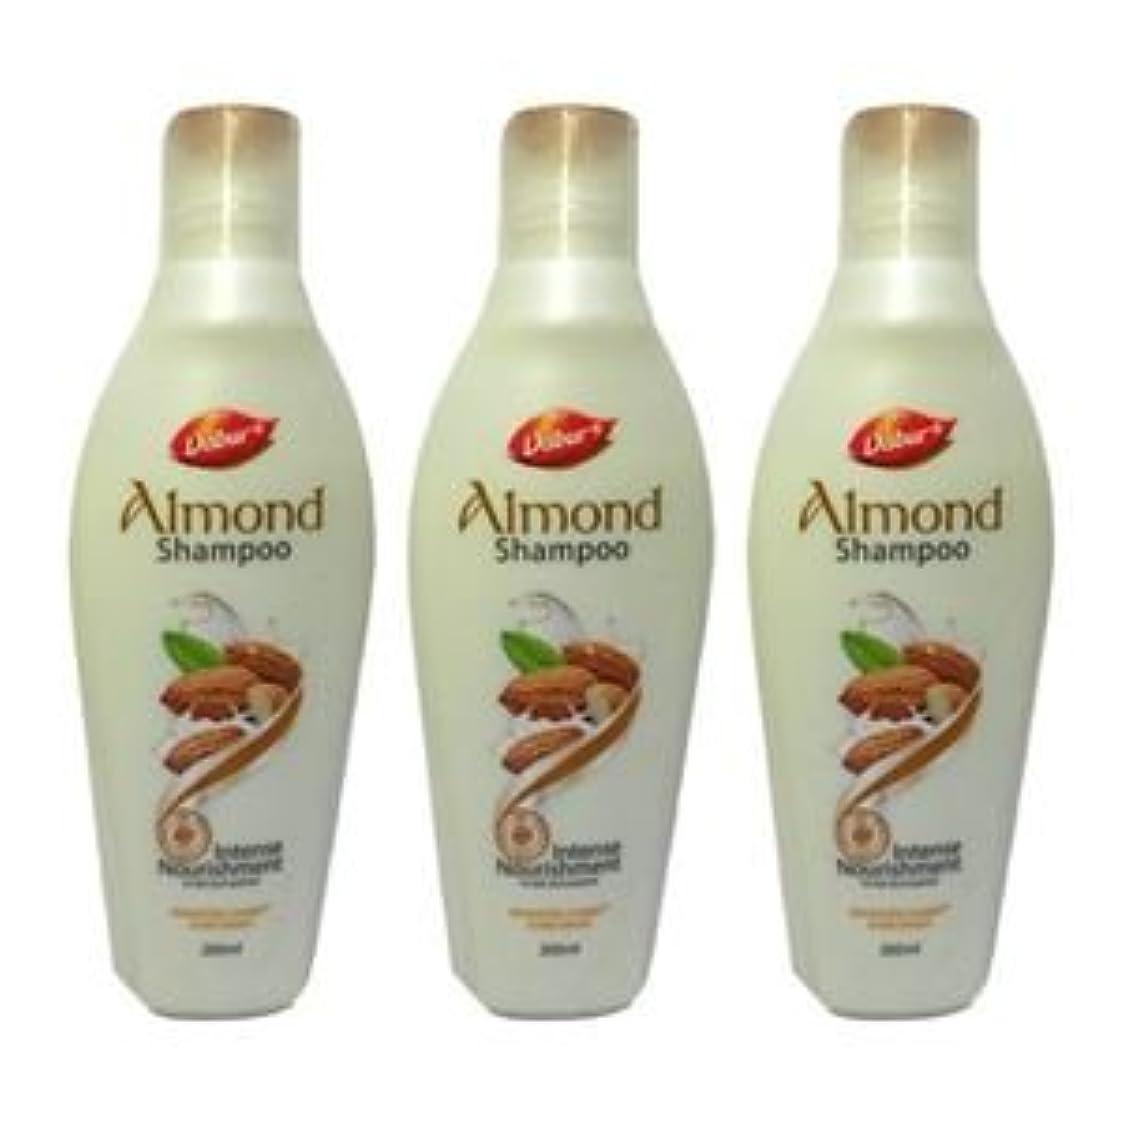 ポータル入手します存在3 X Dabur Intense Nourishment Almond Shampoo Nourishes rough hair and reduce3 X Dabur強烈な栄養アーモンドシャンプーはラフ髪を栄養ともつれに100ミリリットルX 3 = 300ミリリットルを低減します